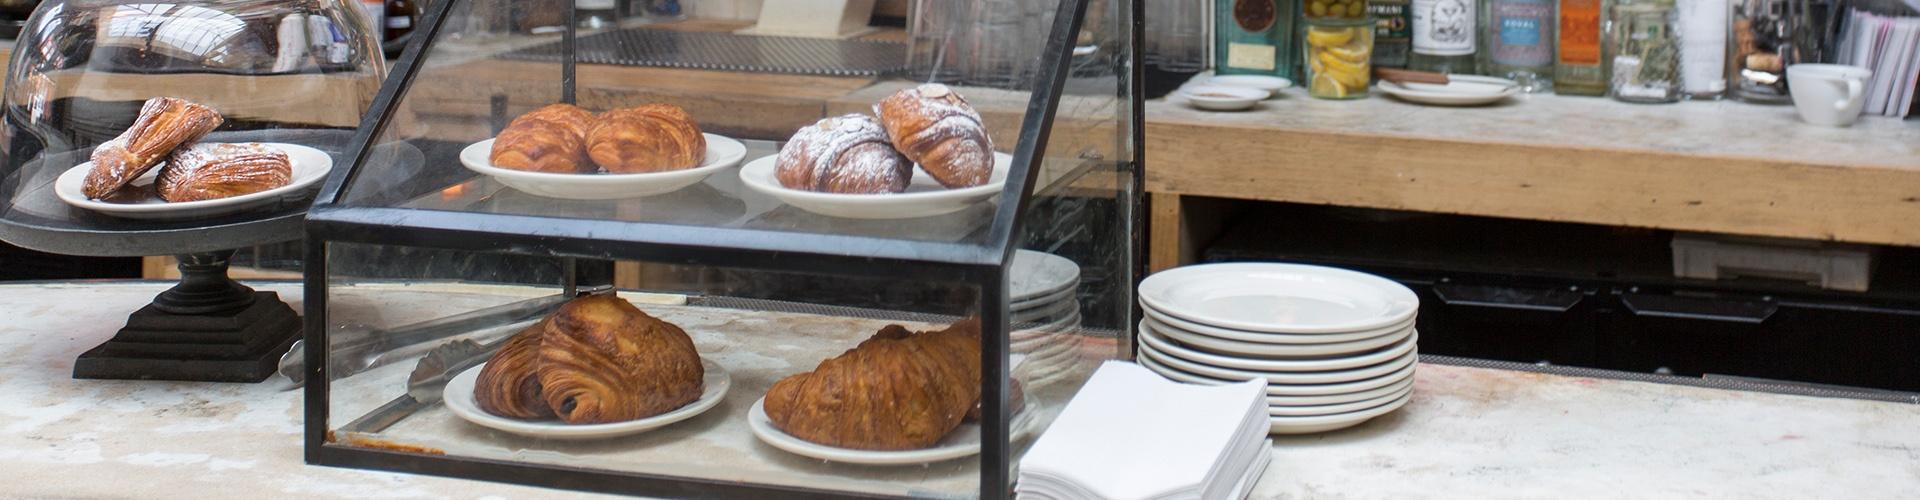 Foodie Delights: Crown Heights, Brooklyn